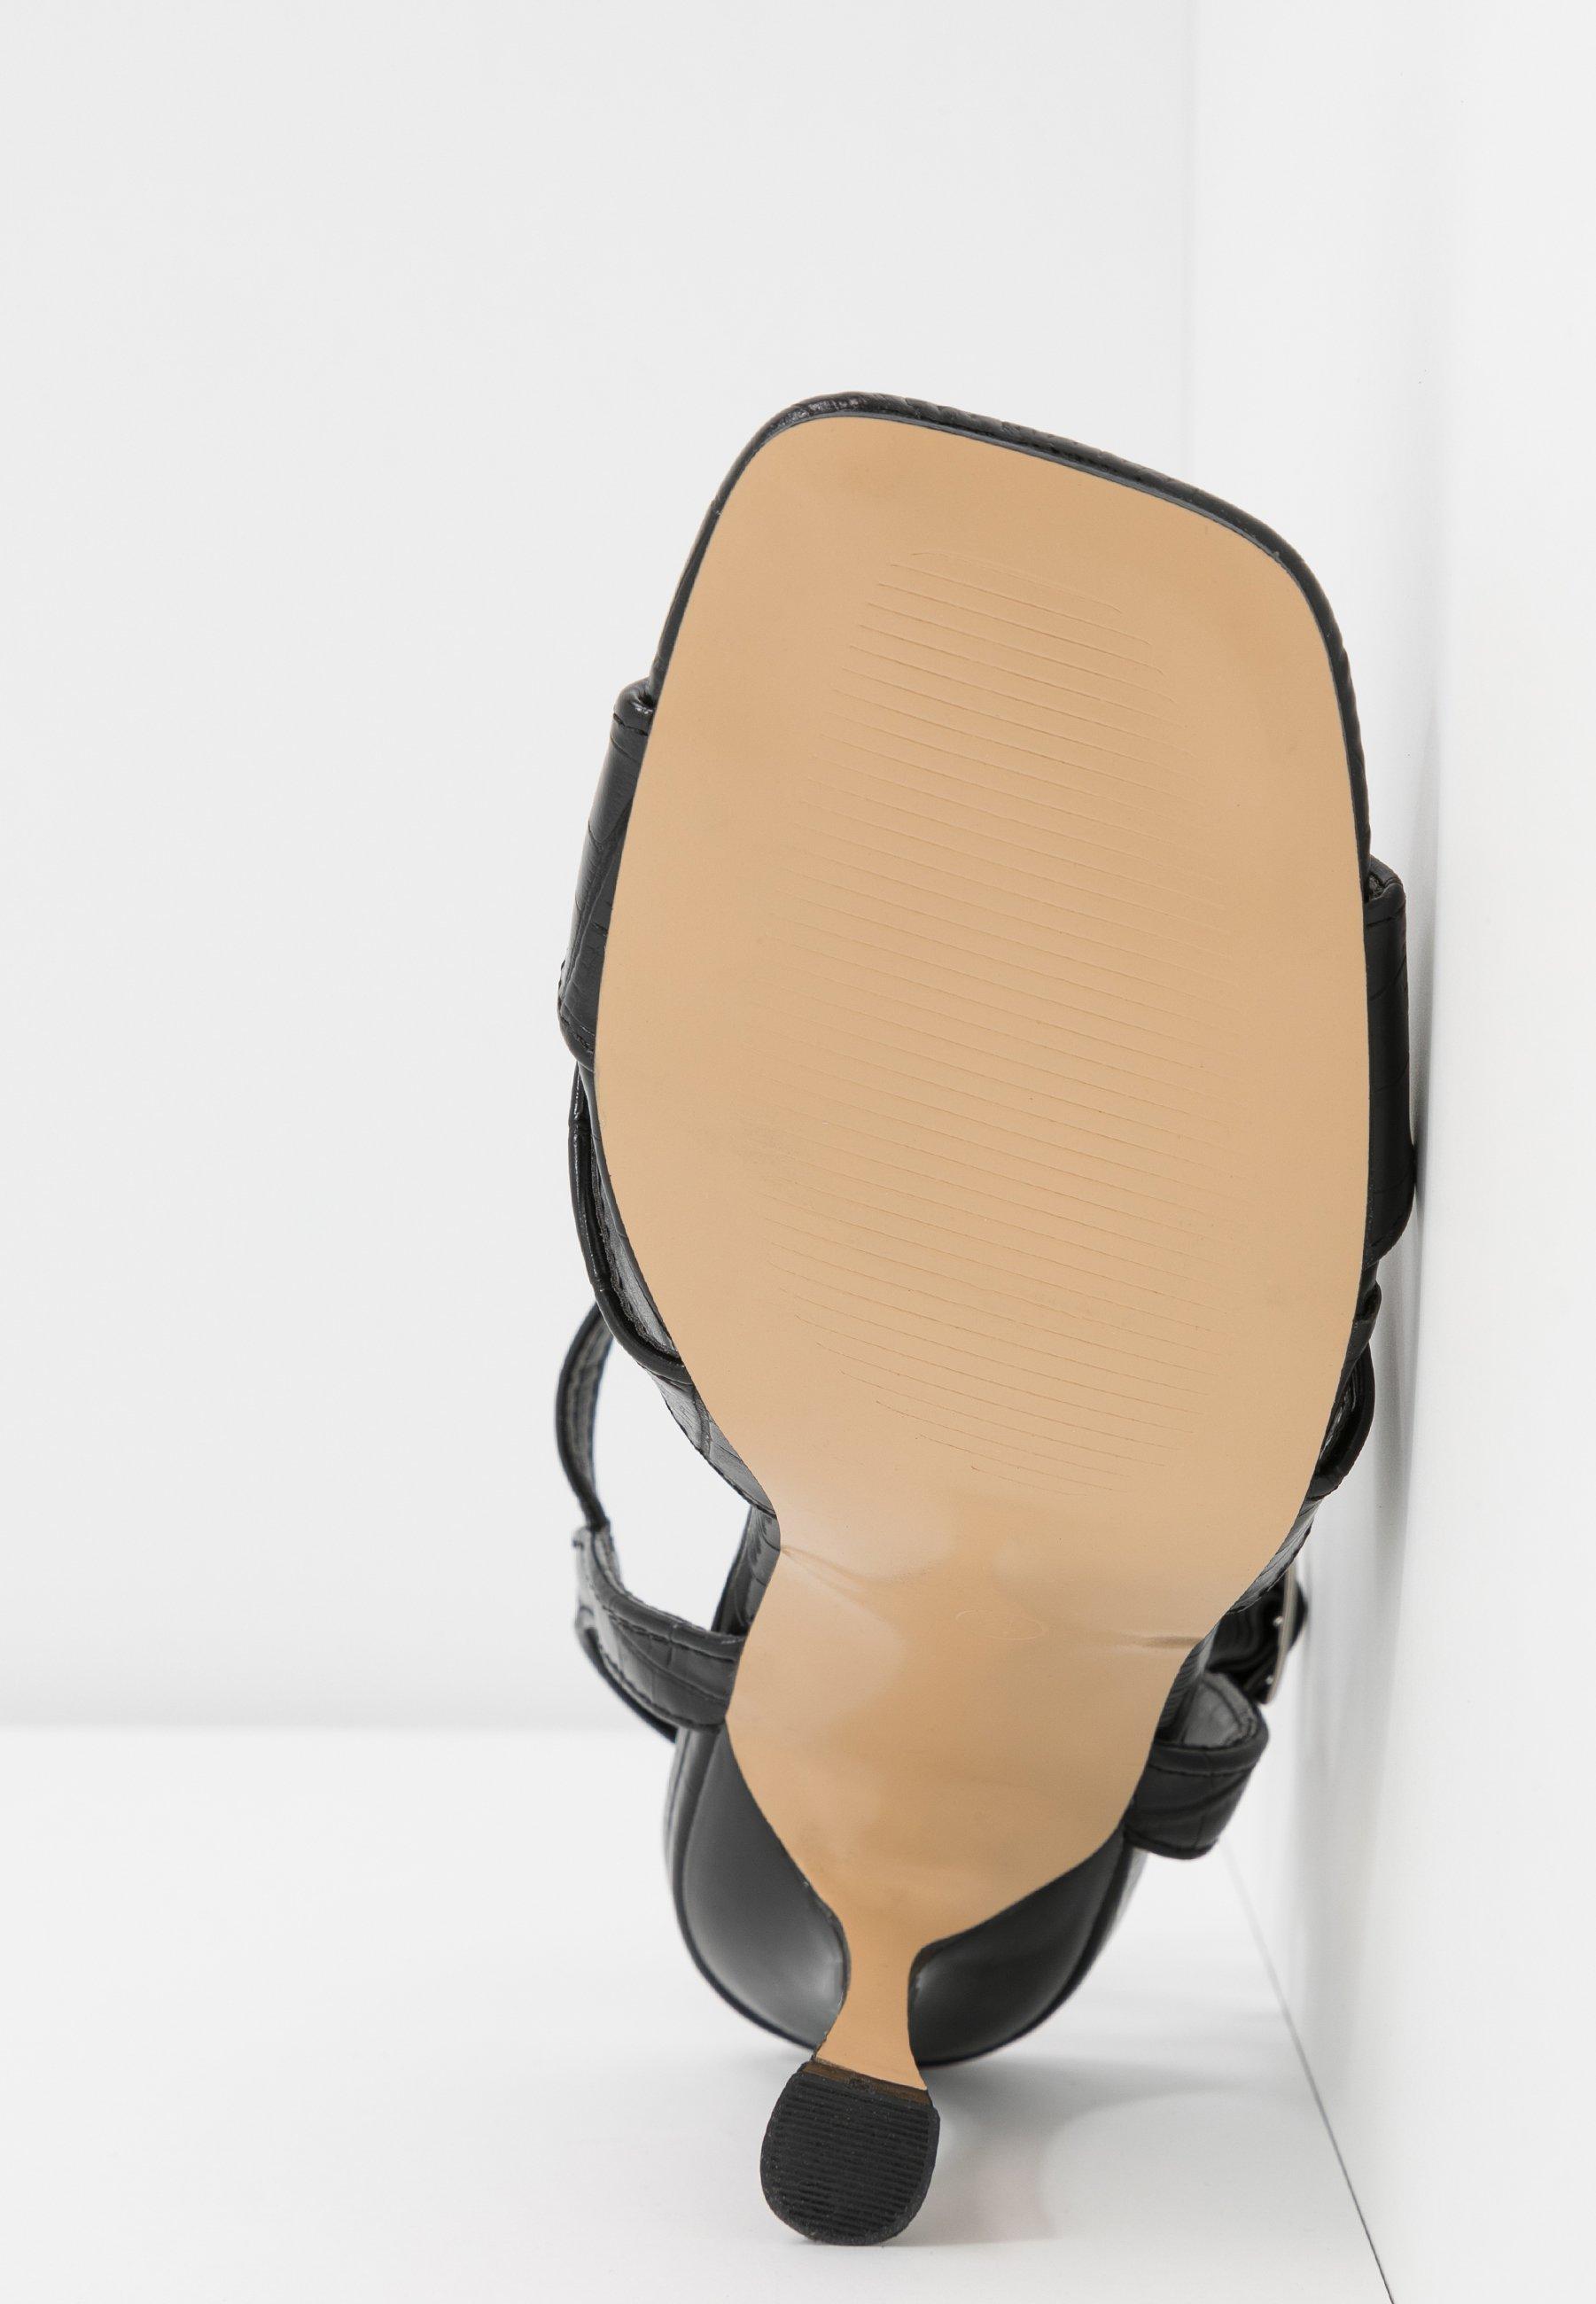 Hot Soles Højhælede sandaletter / Højhælede sandaler - black